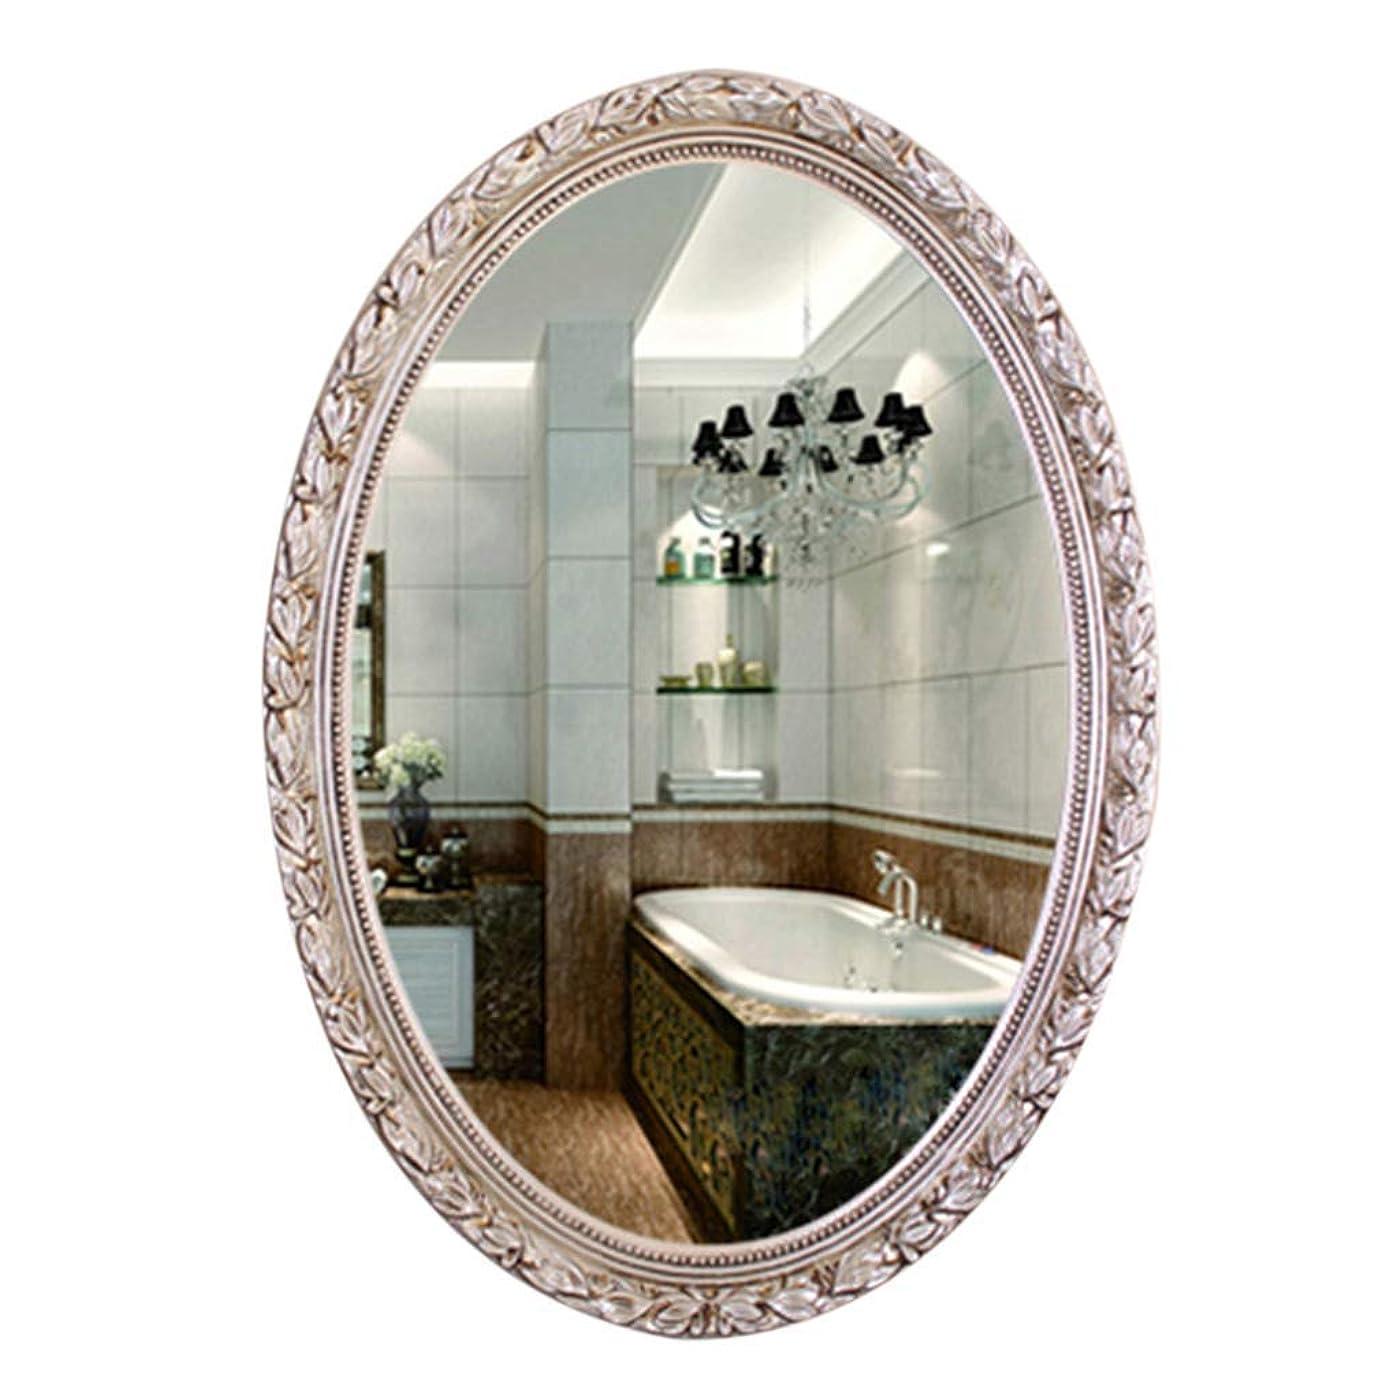 検出ブースト発見する浴室用ミラー、ヨーロッパのレトロミラー - オーバルミラー - PUフレーム防水、防湿-93 * 63 CM(カラー:ゴールド) (色 : 銀, サイズ : -)